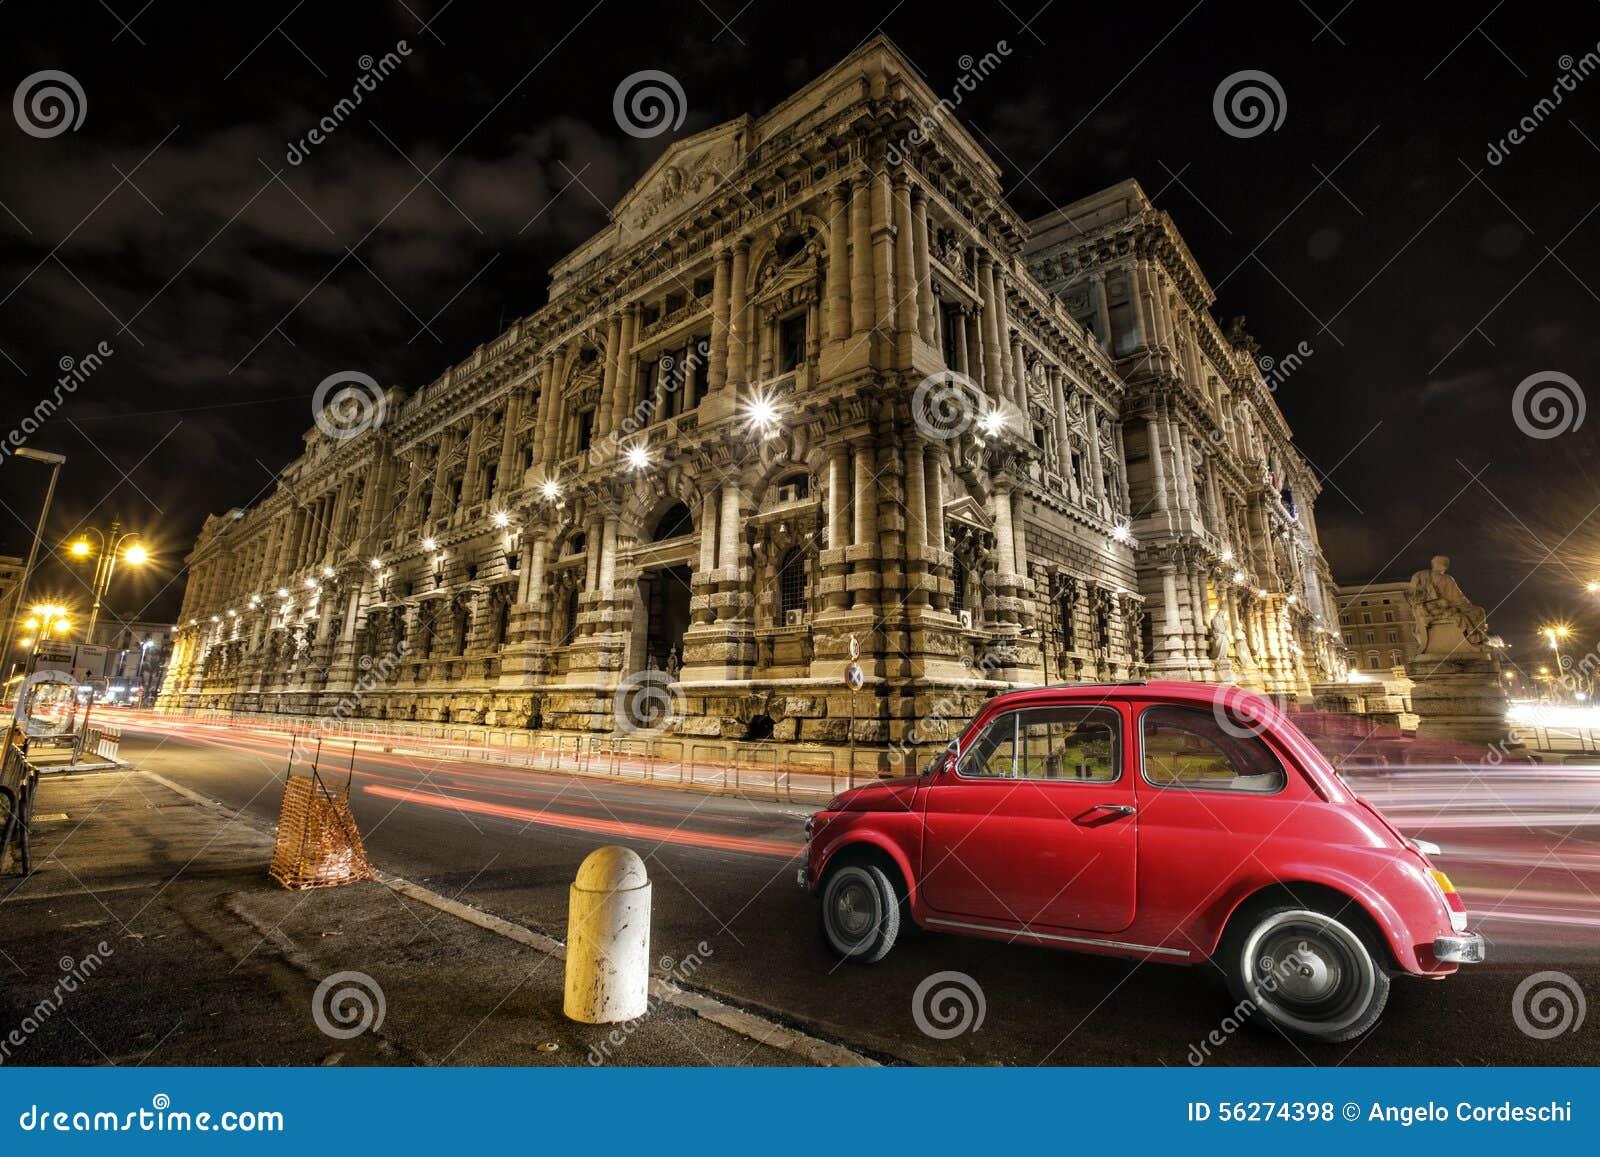 Красный цвет старого автомобиля итальянский к ноча Итальянский исторический памятник